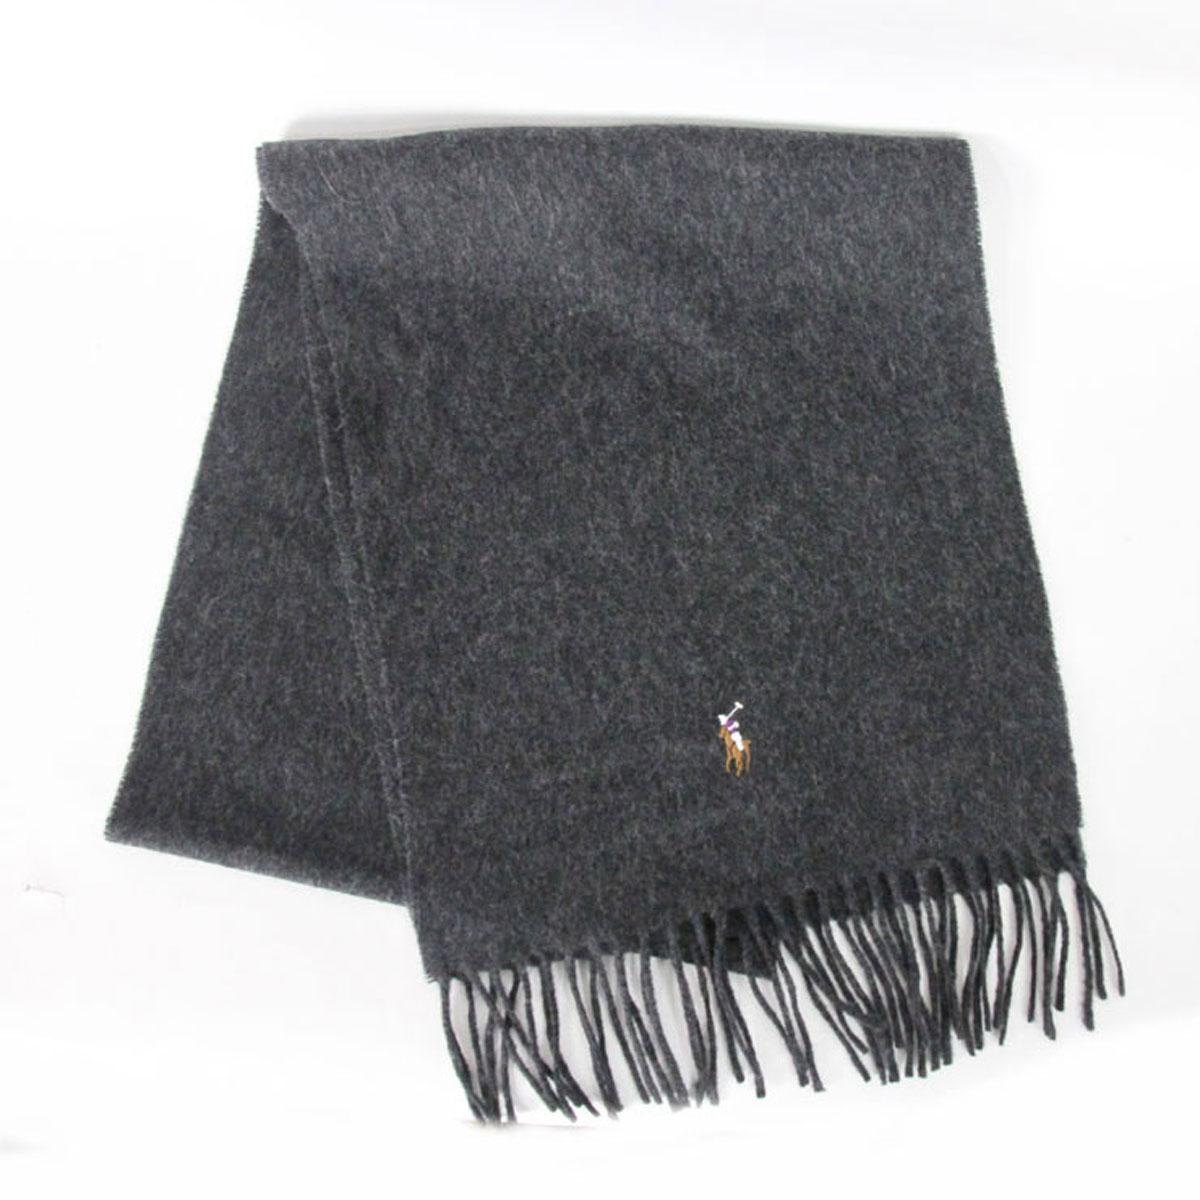 eff5038f3015 ポロラルフローレン POLO RALPH LAUREN 正規品 マフラー Signature Lambswool Scarf ブラック 。